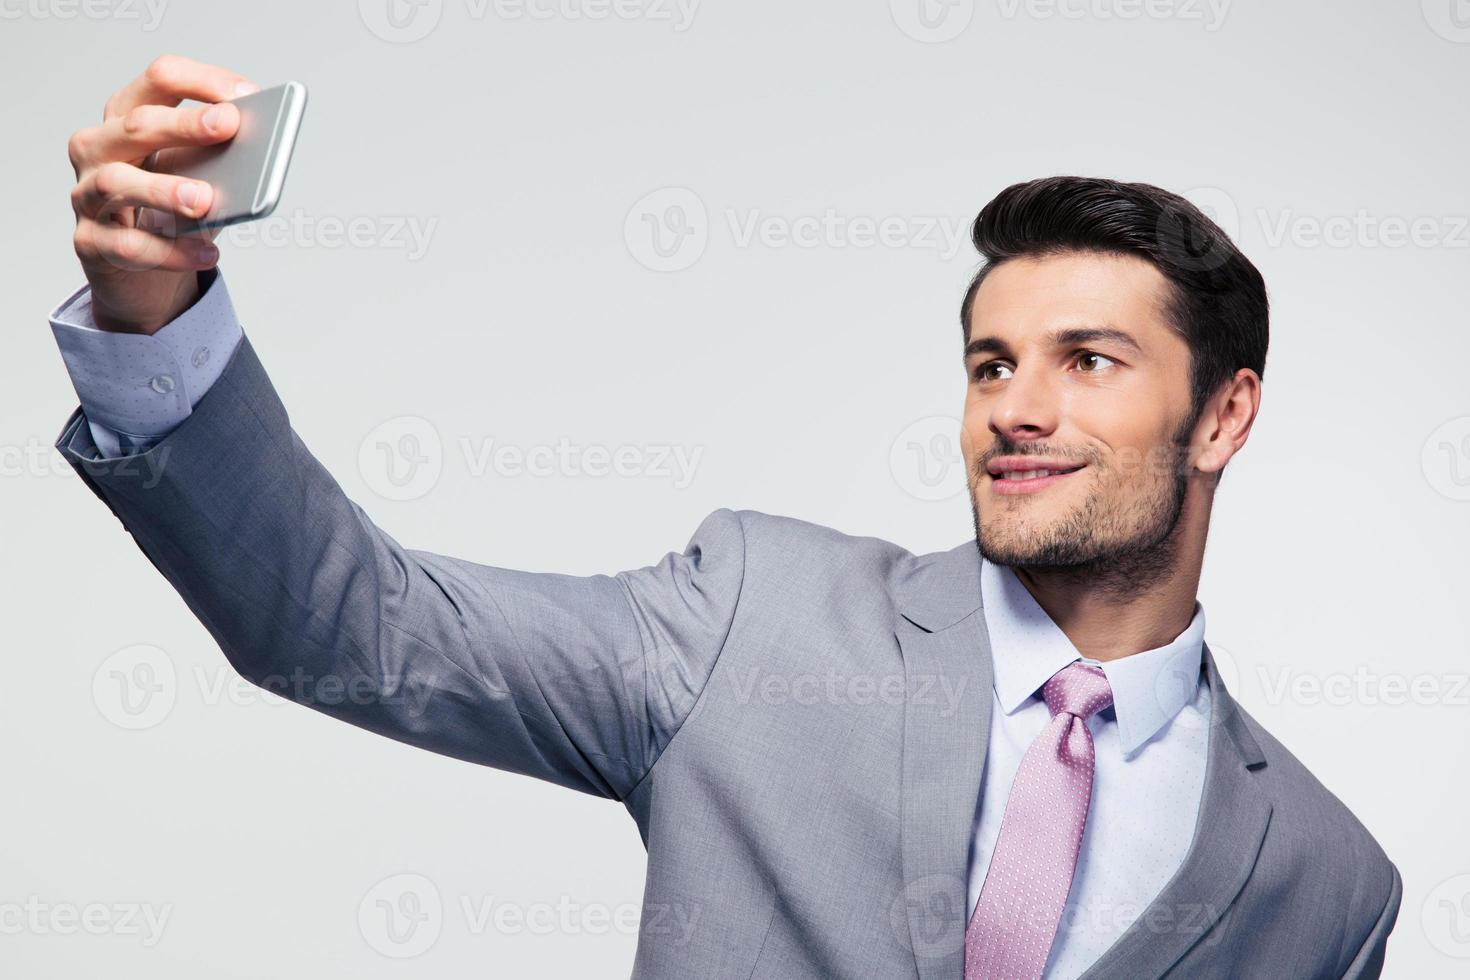 affärsman gör selfie foto på smartphone